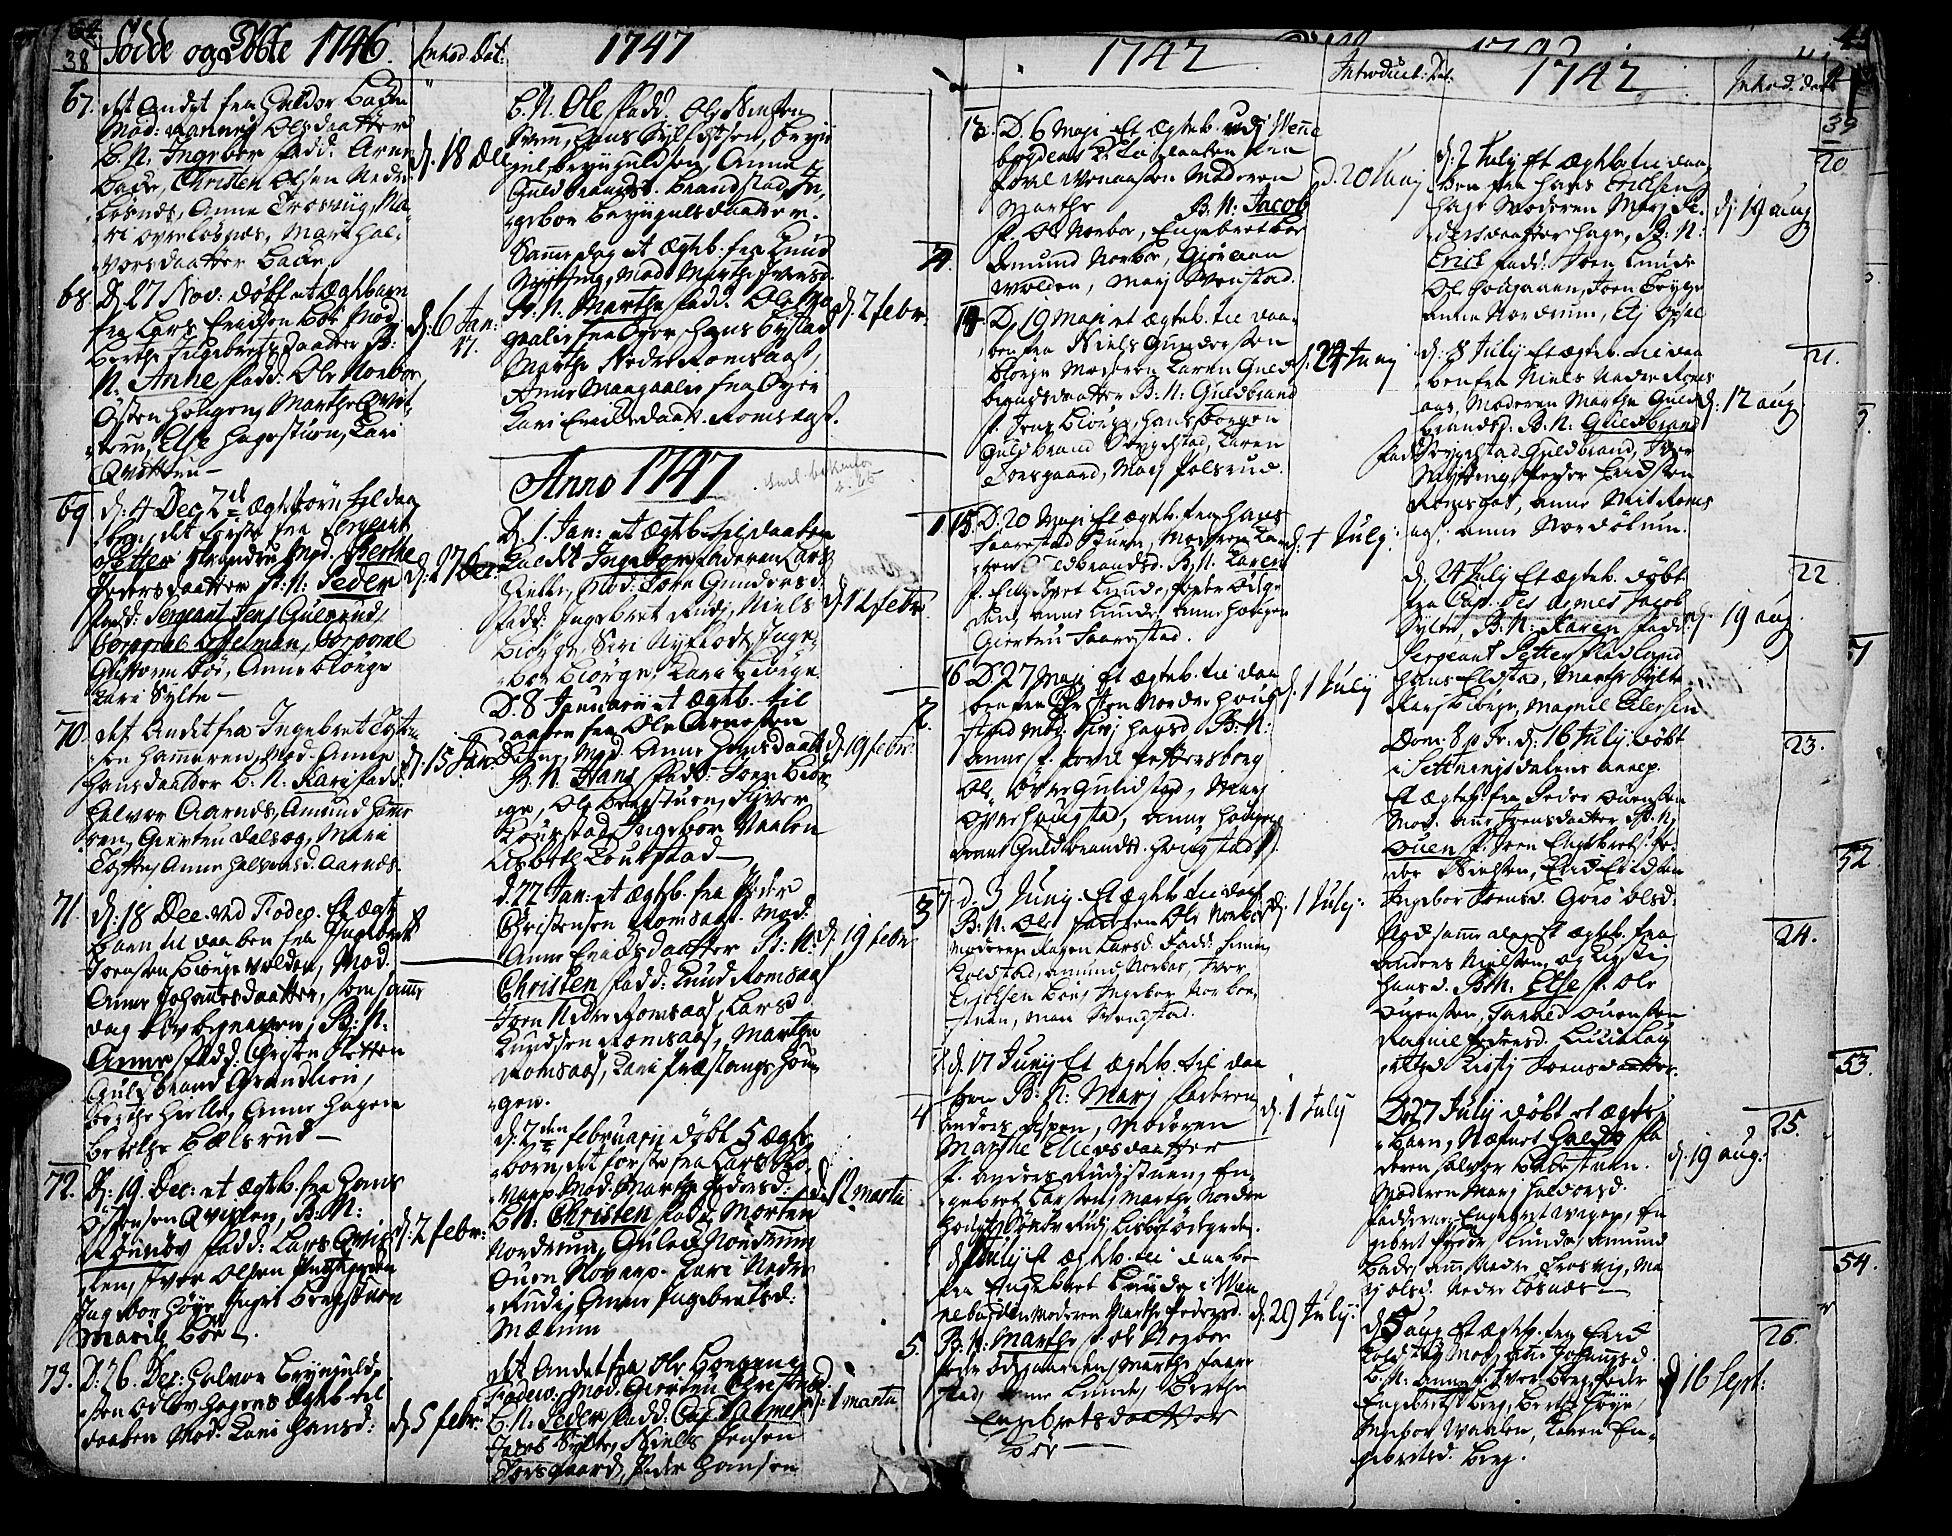 SAH, Ringebu prestekontor, Parish register (official) no. 2, 1734-1780, p. 38-39